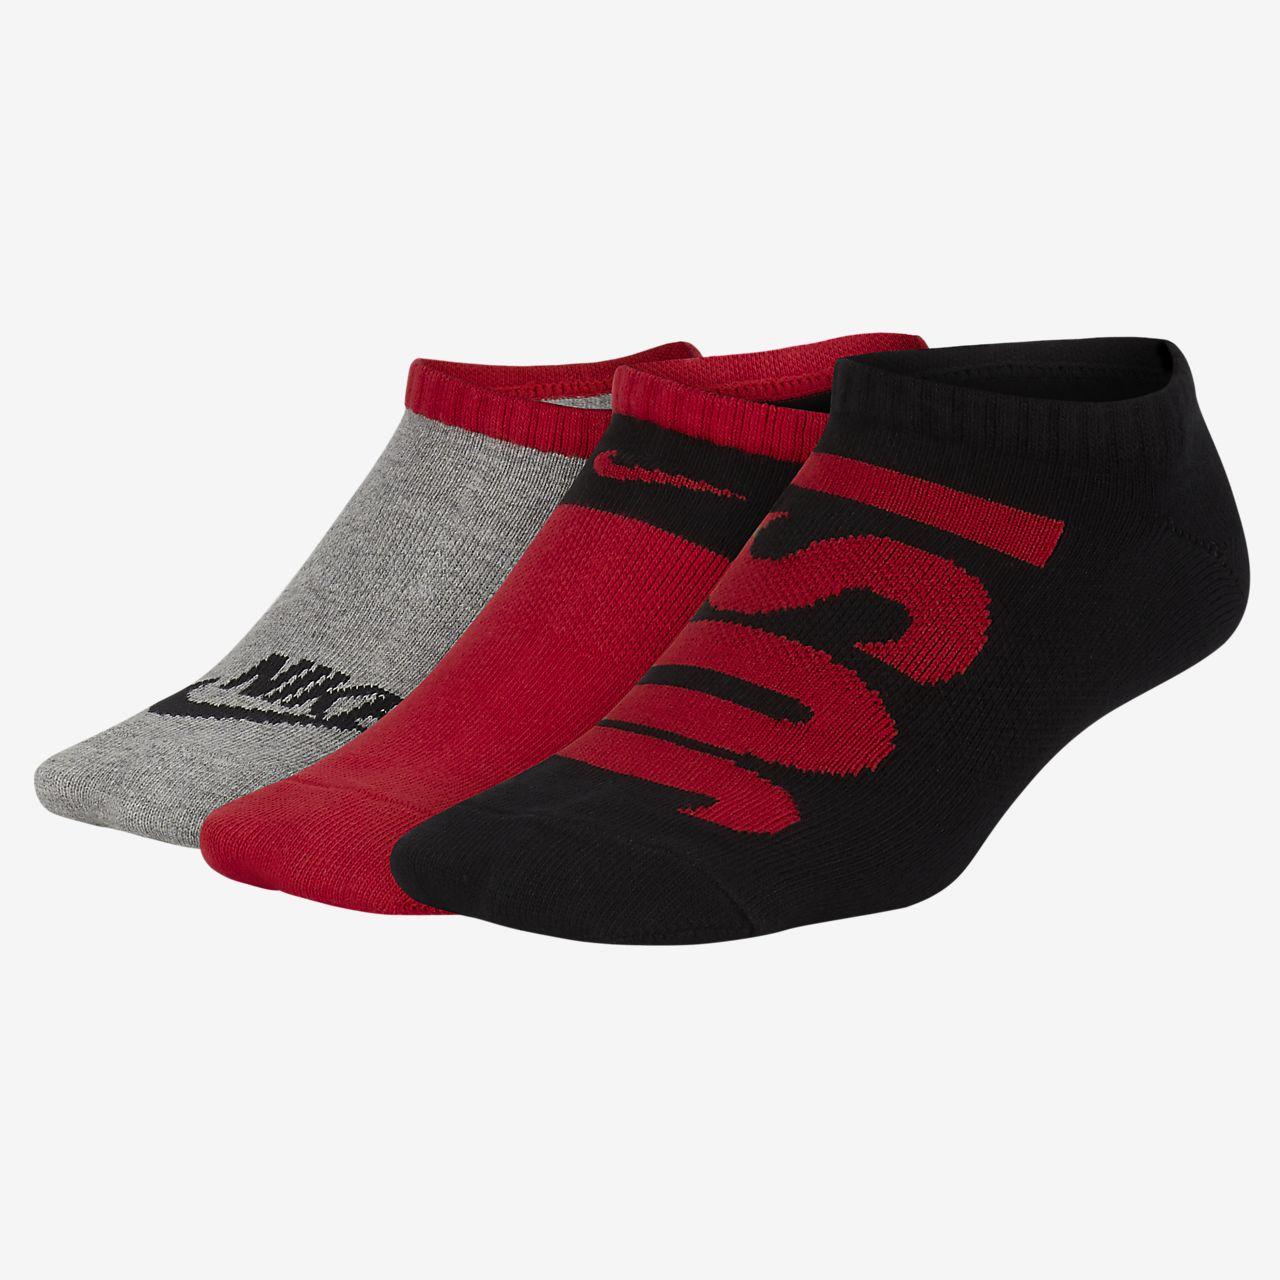 Calcetines de entrenamiento para niños (3 pares) Nike Performance Lightweight Low